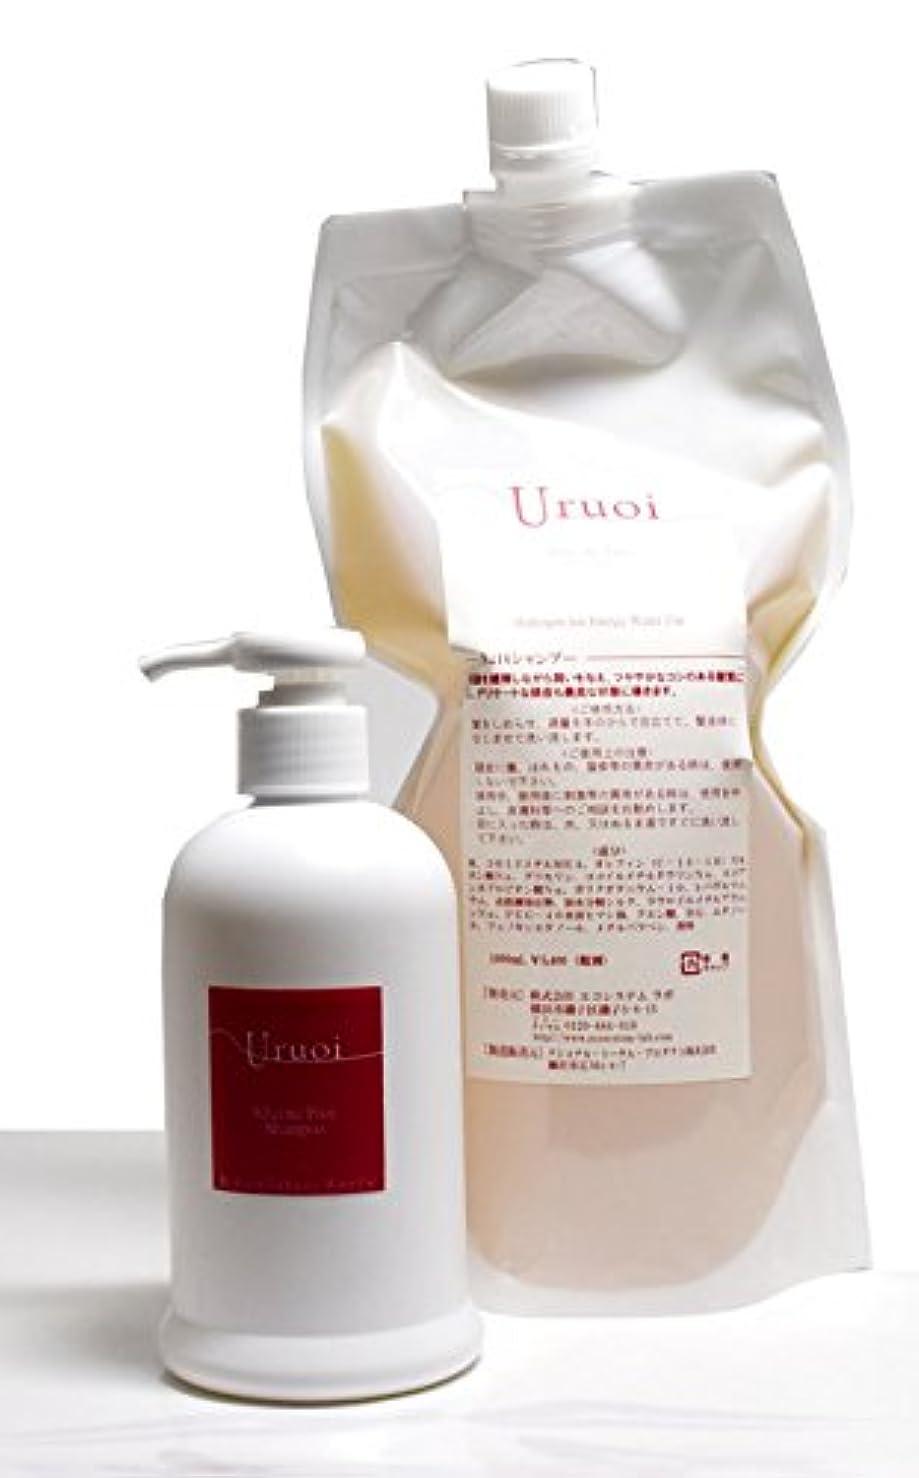 掃除段落対抗水素イオン発生エネルギー水 うるおいシャンプーとレフィールのセット ノンシリコン Silicone Free Uruoi Shampoo